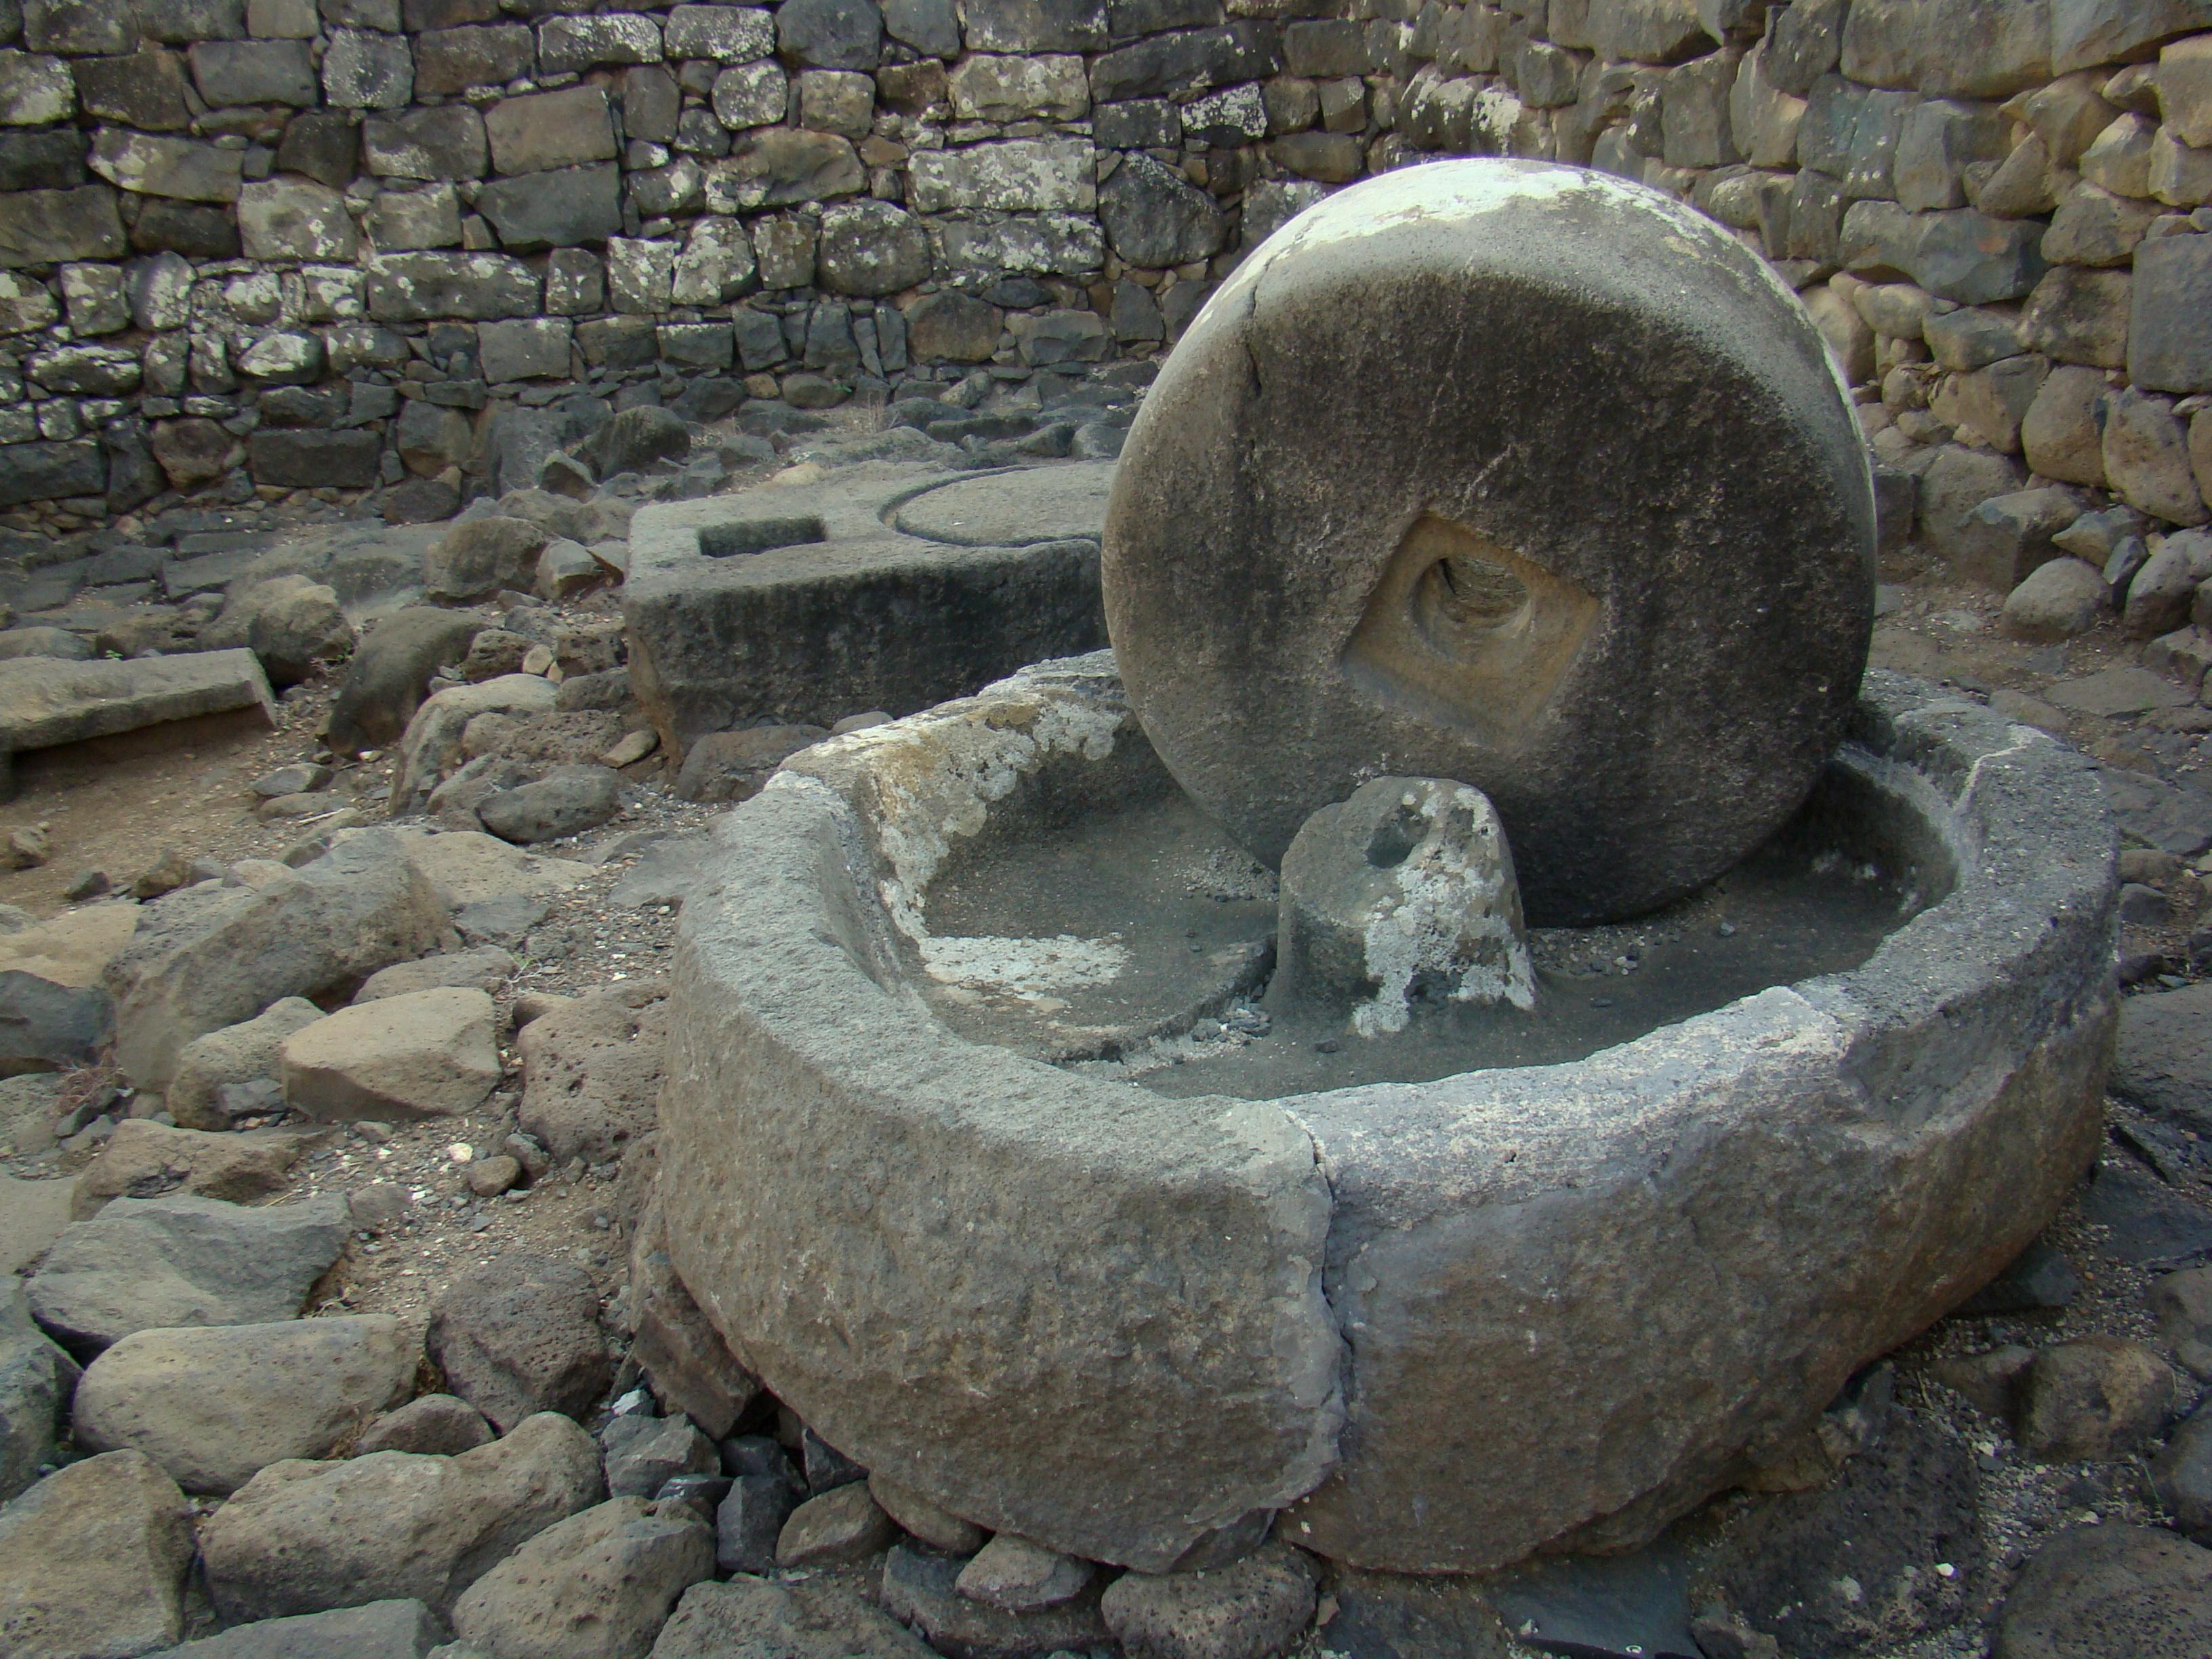 上图:哥拉汛遗址主耶稣时代的磨石,用来橄榄磨成渣,然后榨出油。